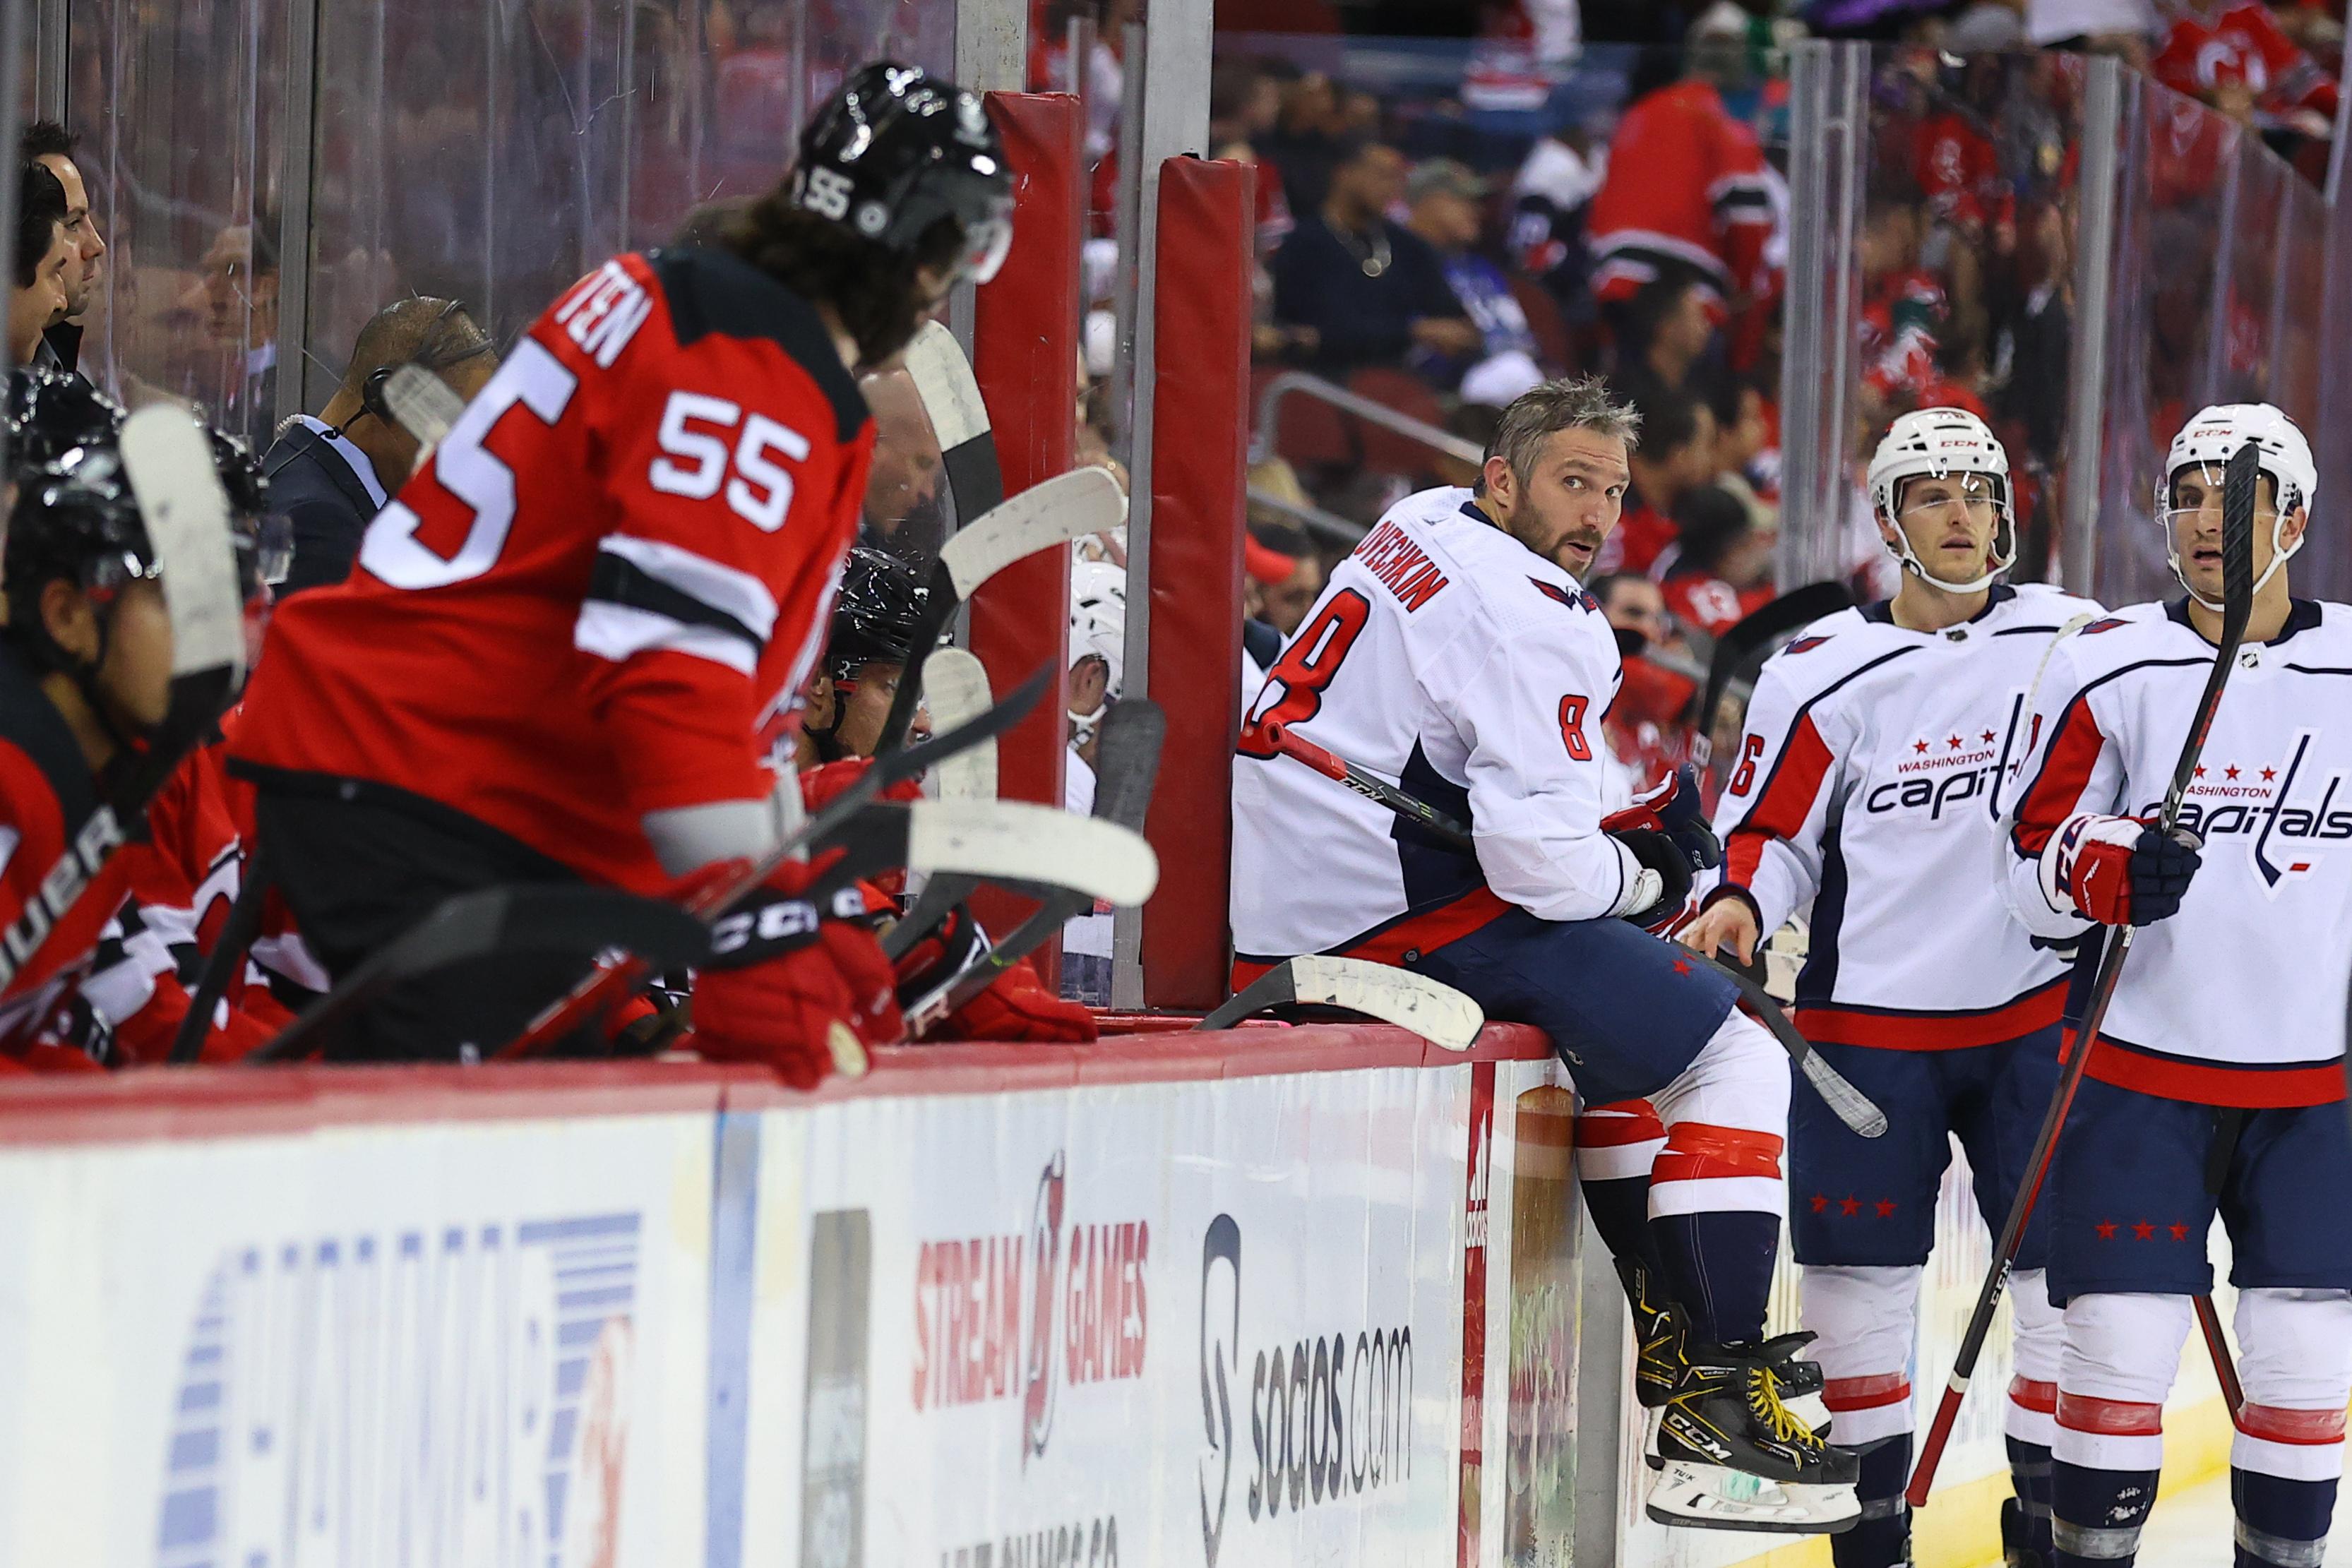 NHL: OCT 21 Capitals at Devils